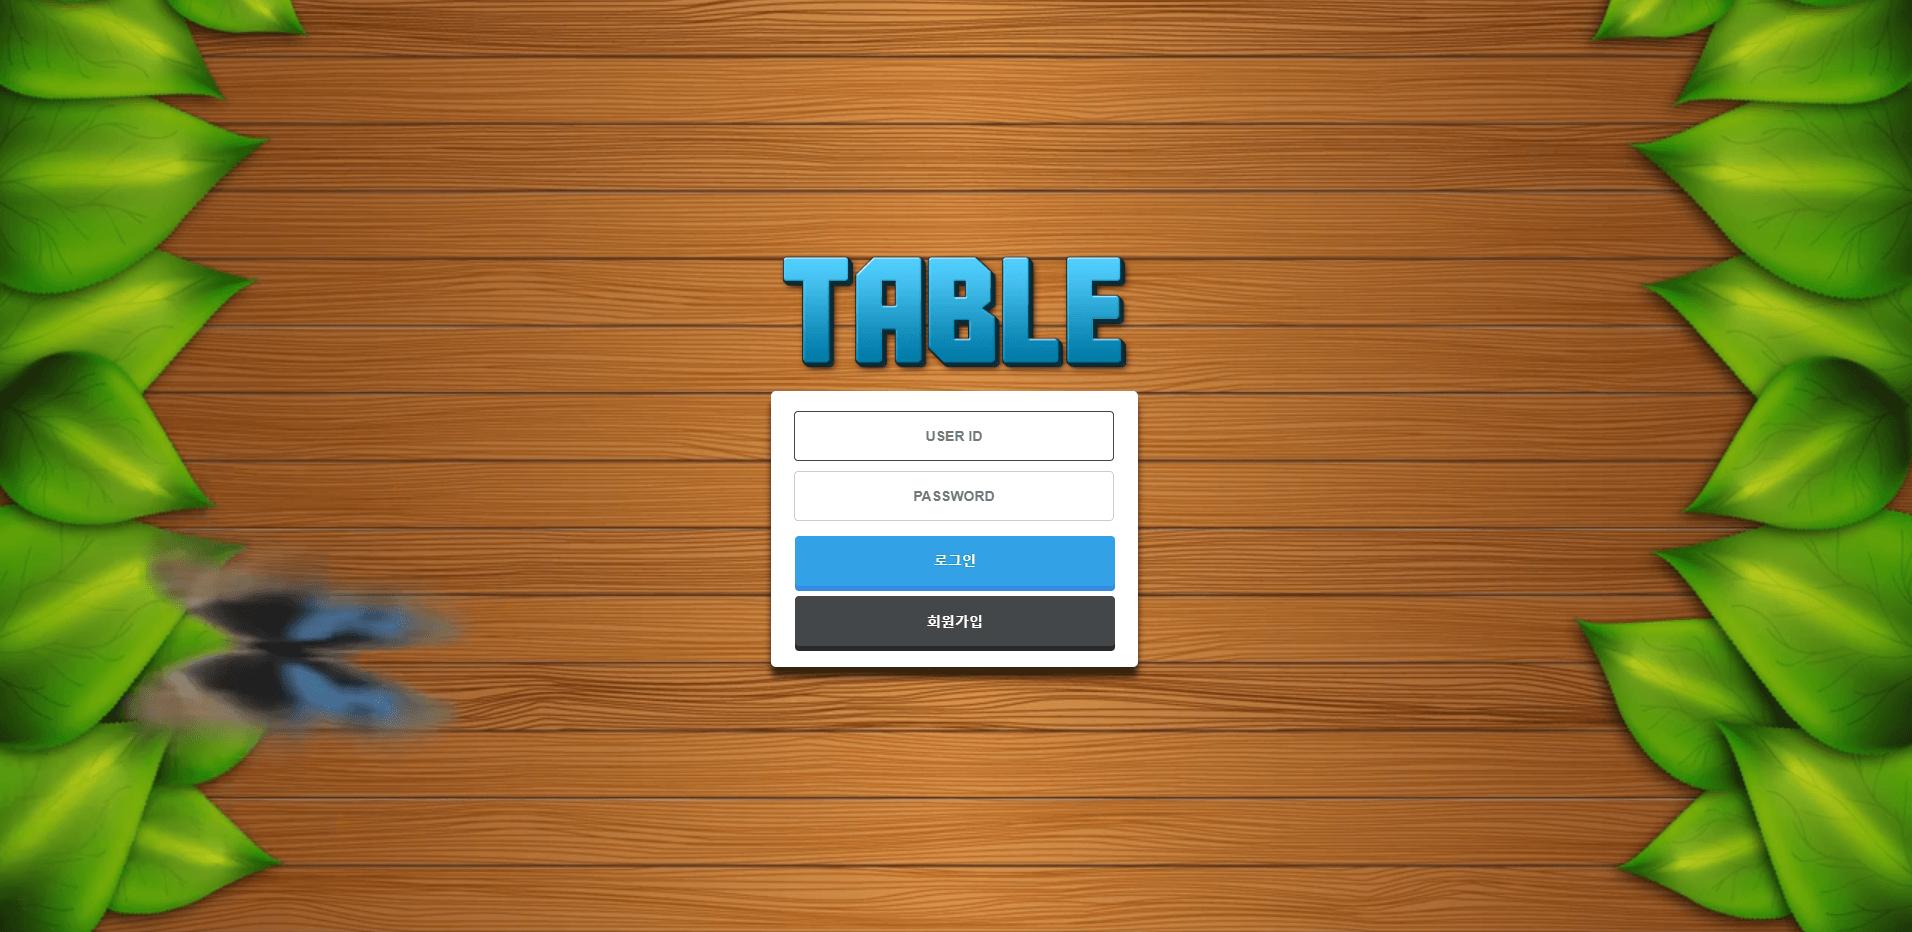 [먹튀검증]테이블(Table) tab-774.com 먹튀사이트확정 먹튀검증업체 토토안내소